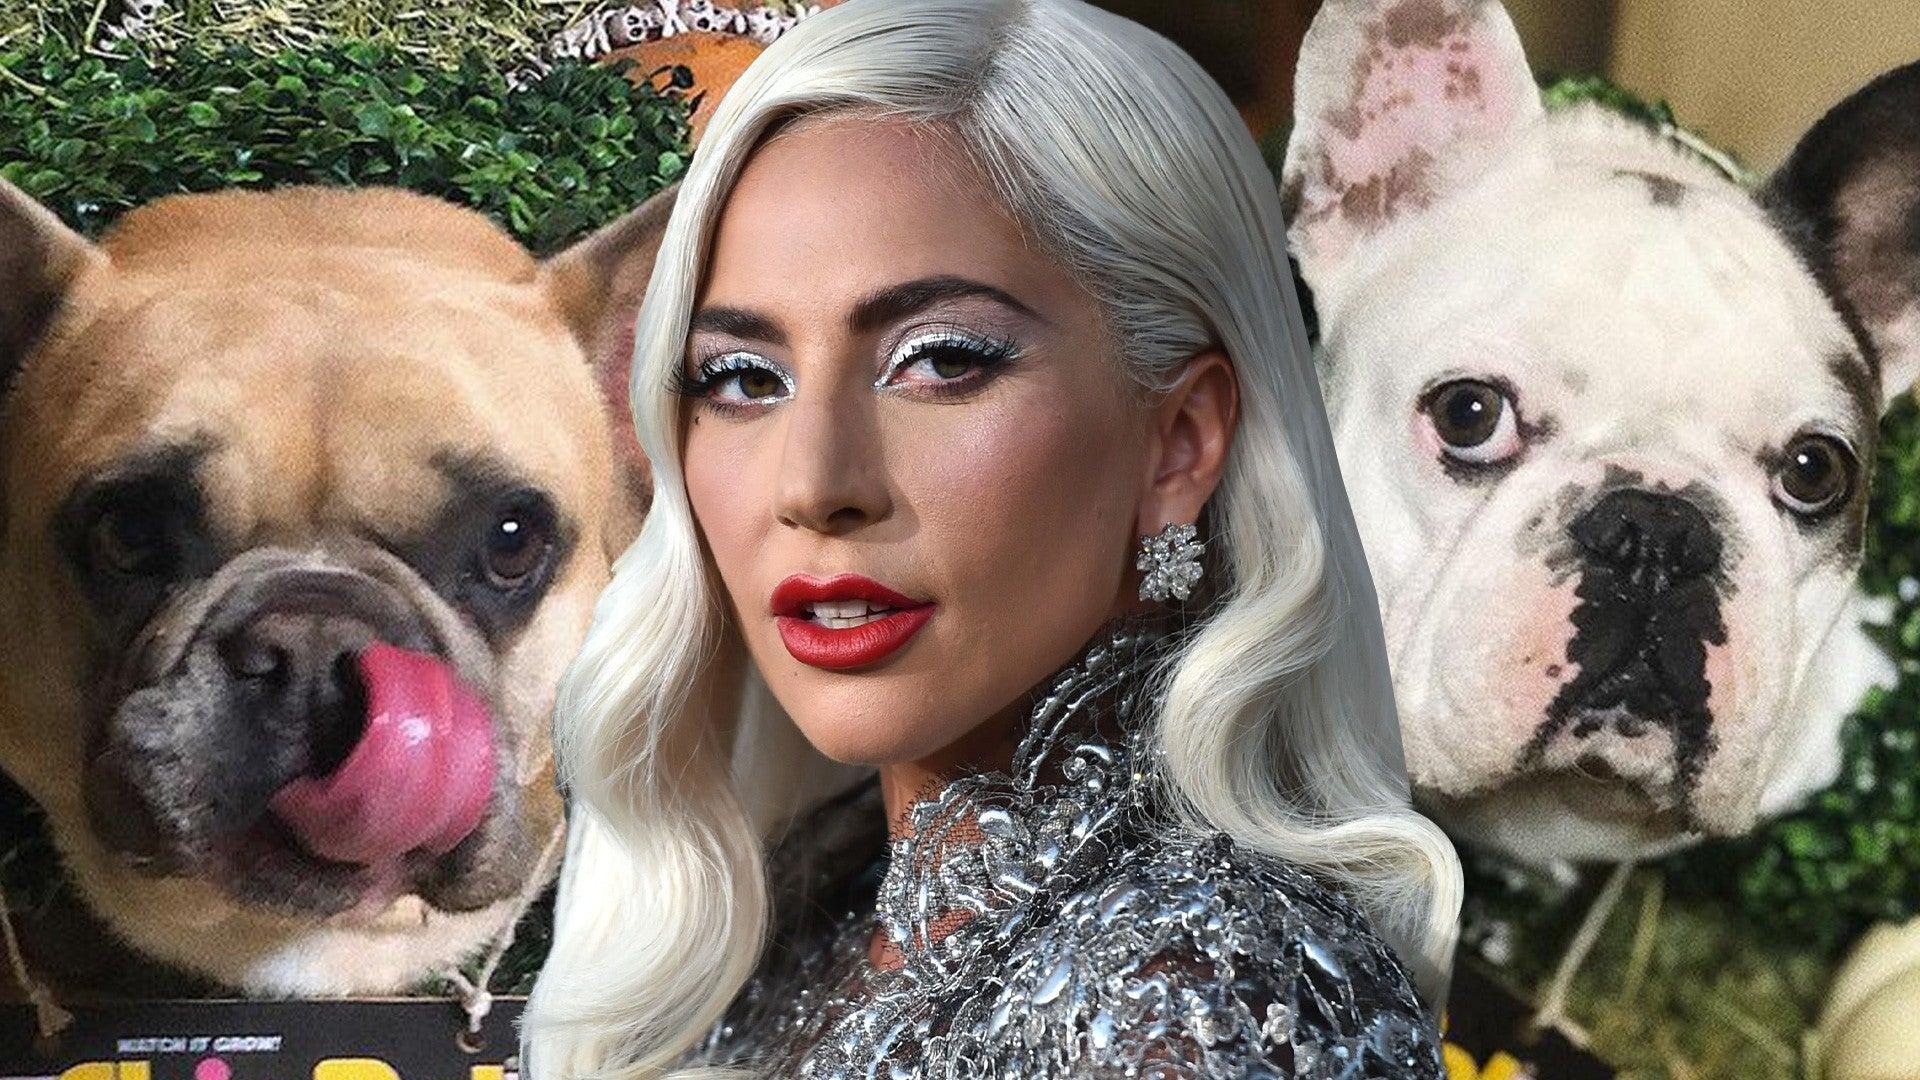 ليدي غاغا مستعدة لدفع نصف مليون دولار مكافأة المرأة التي أعادت كلبتيها